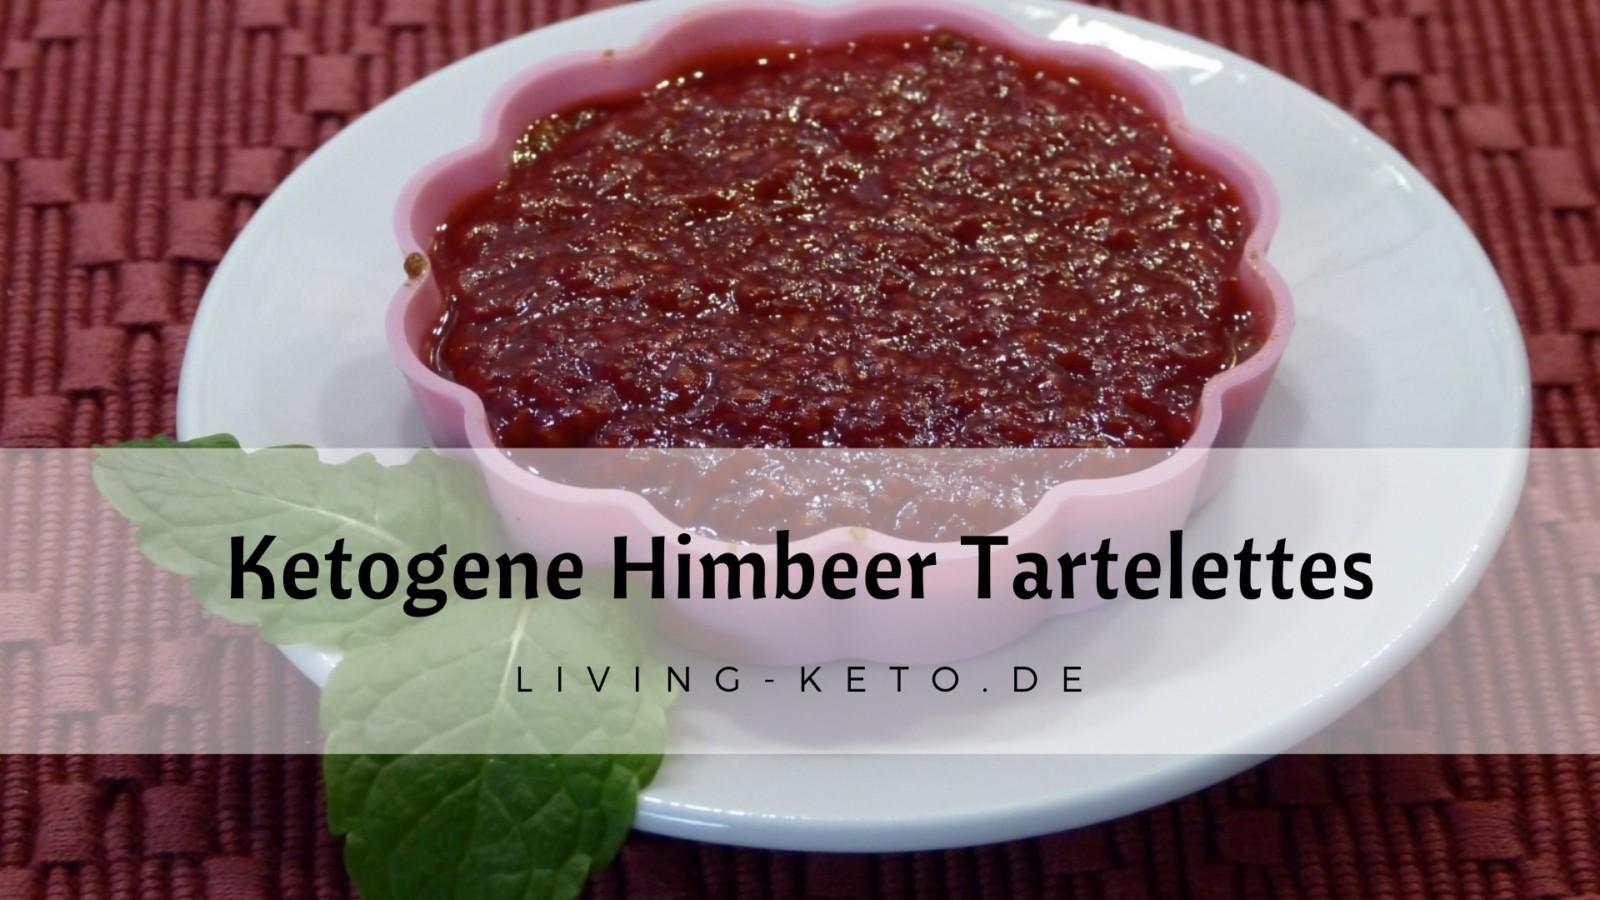 Himbeer-Tartelettes – ketogen